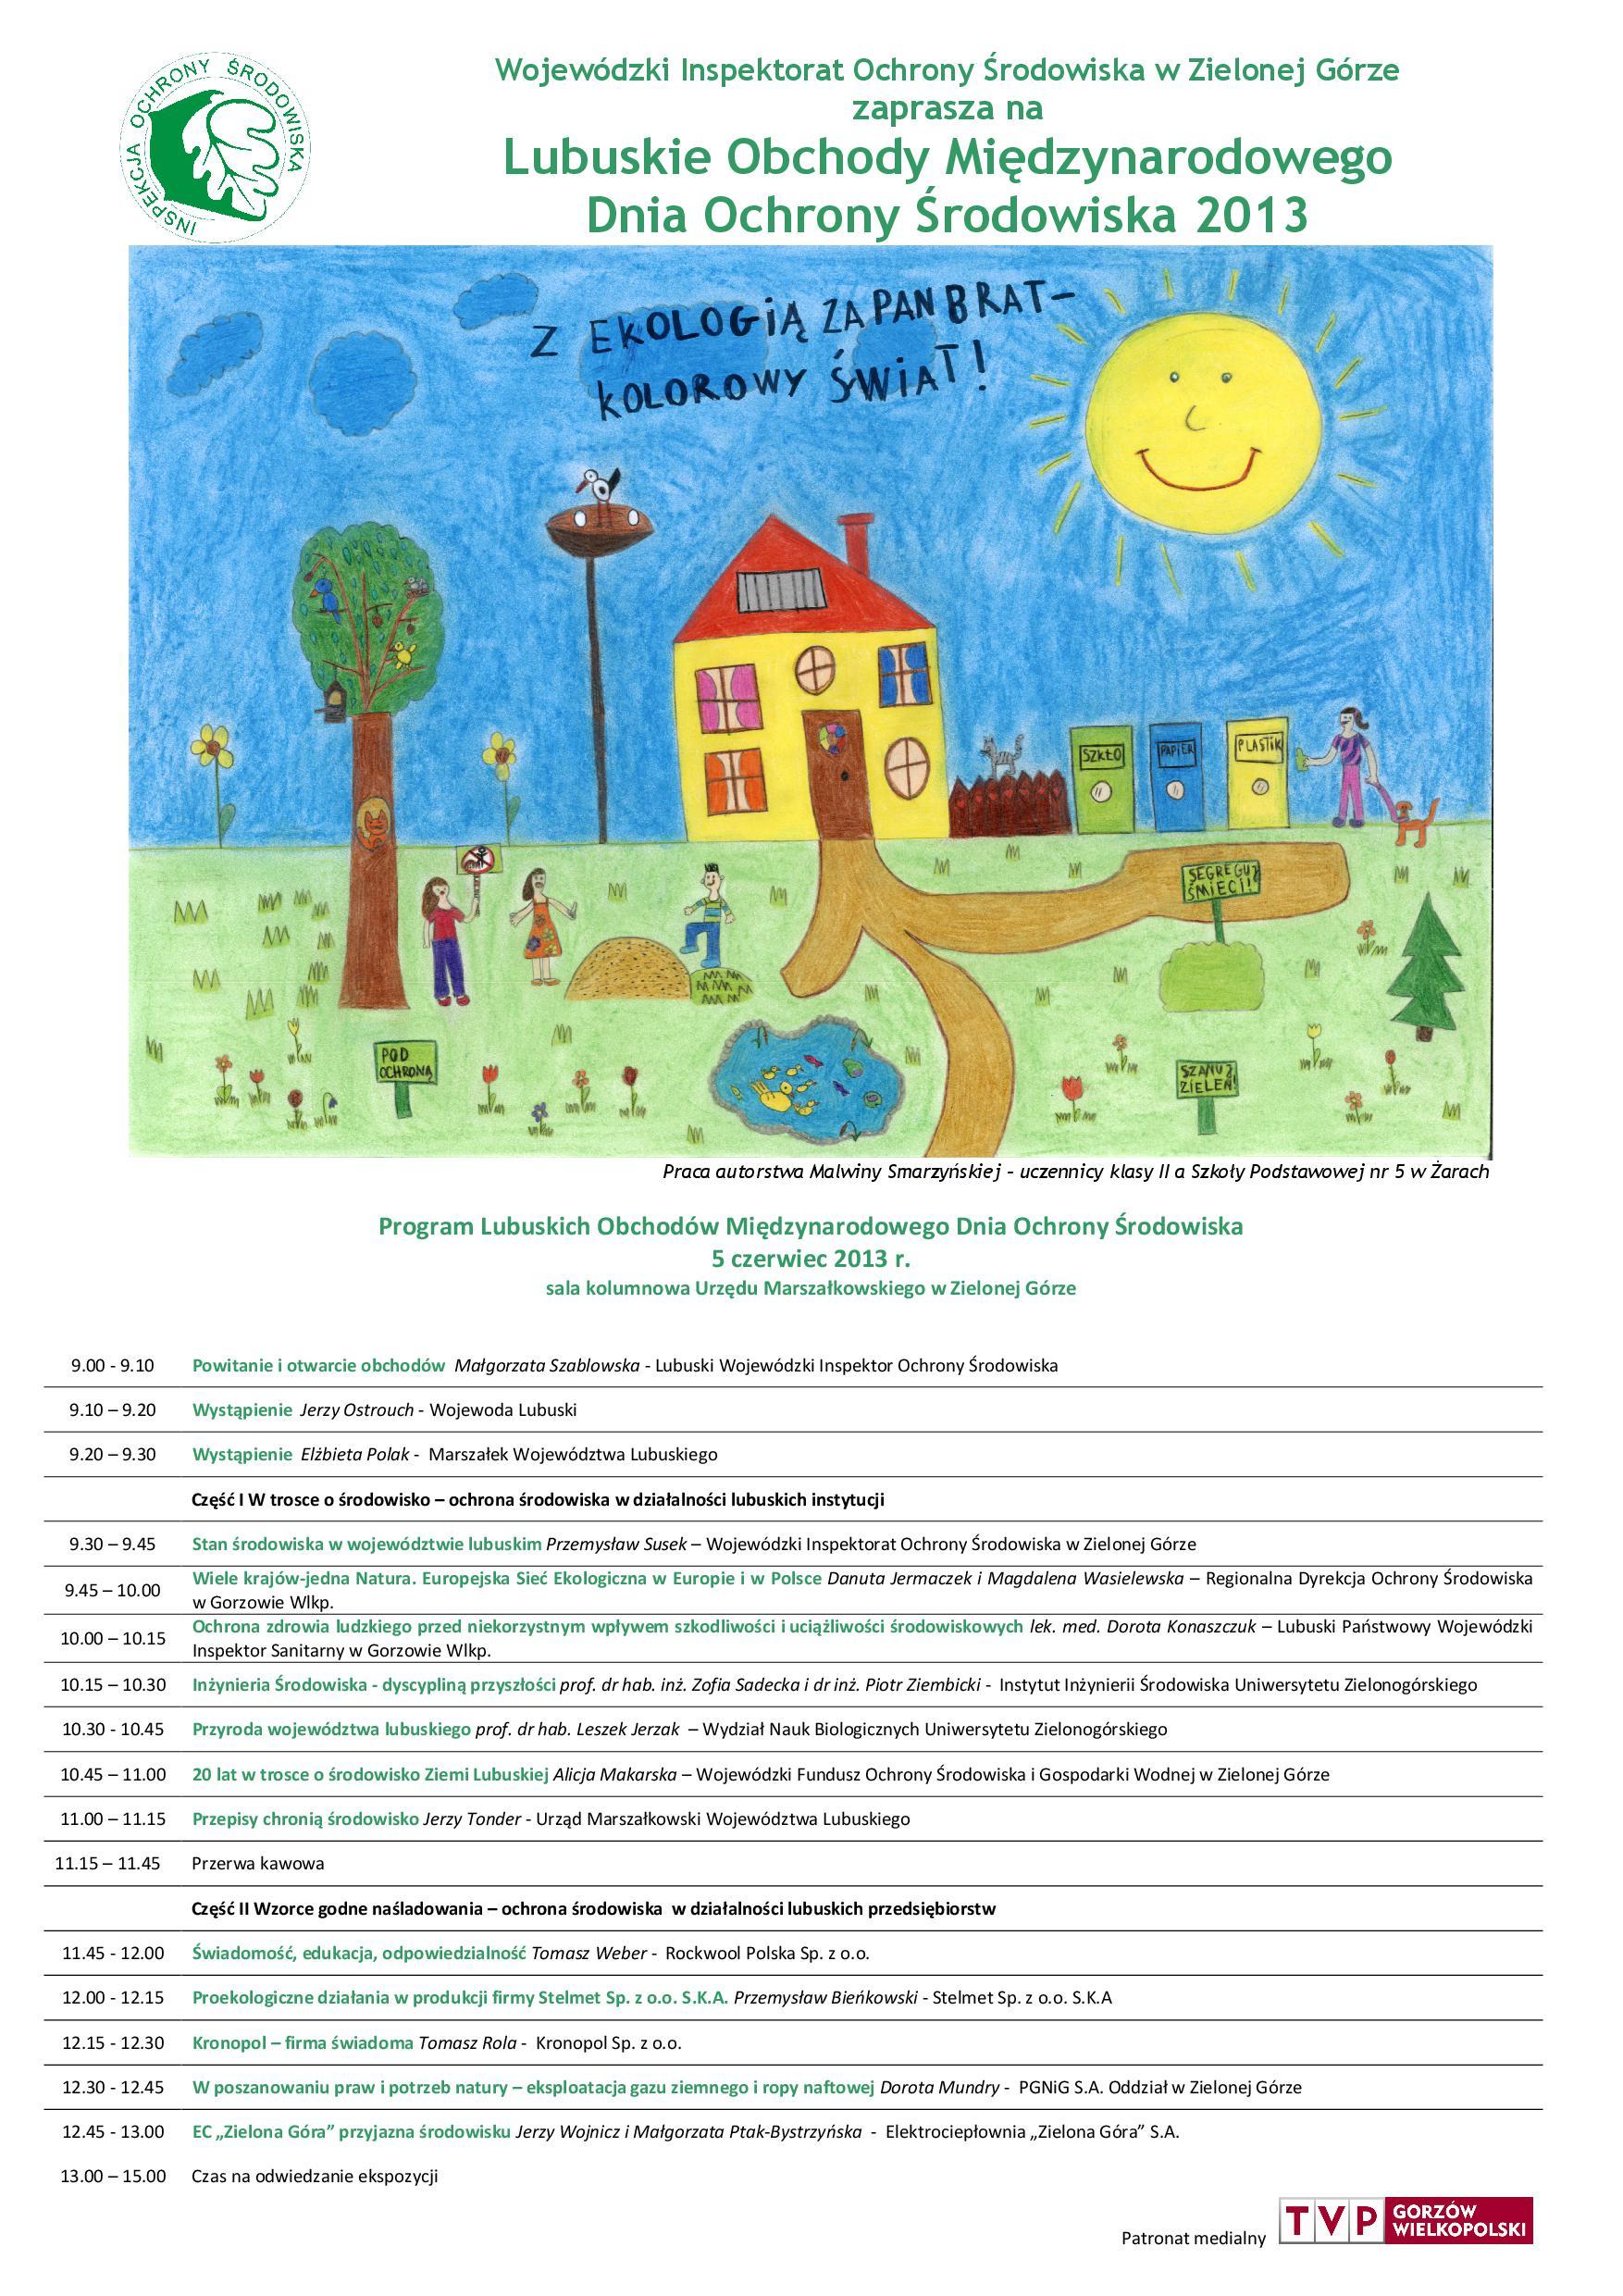 Lubuskie Obchody Międzynarodowego Dnia Ochrony Środowiska_plakat